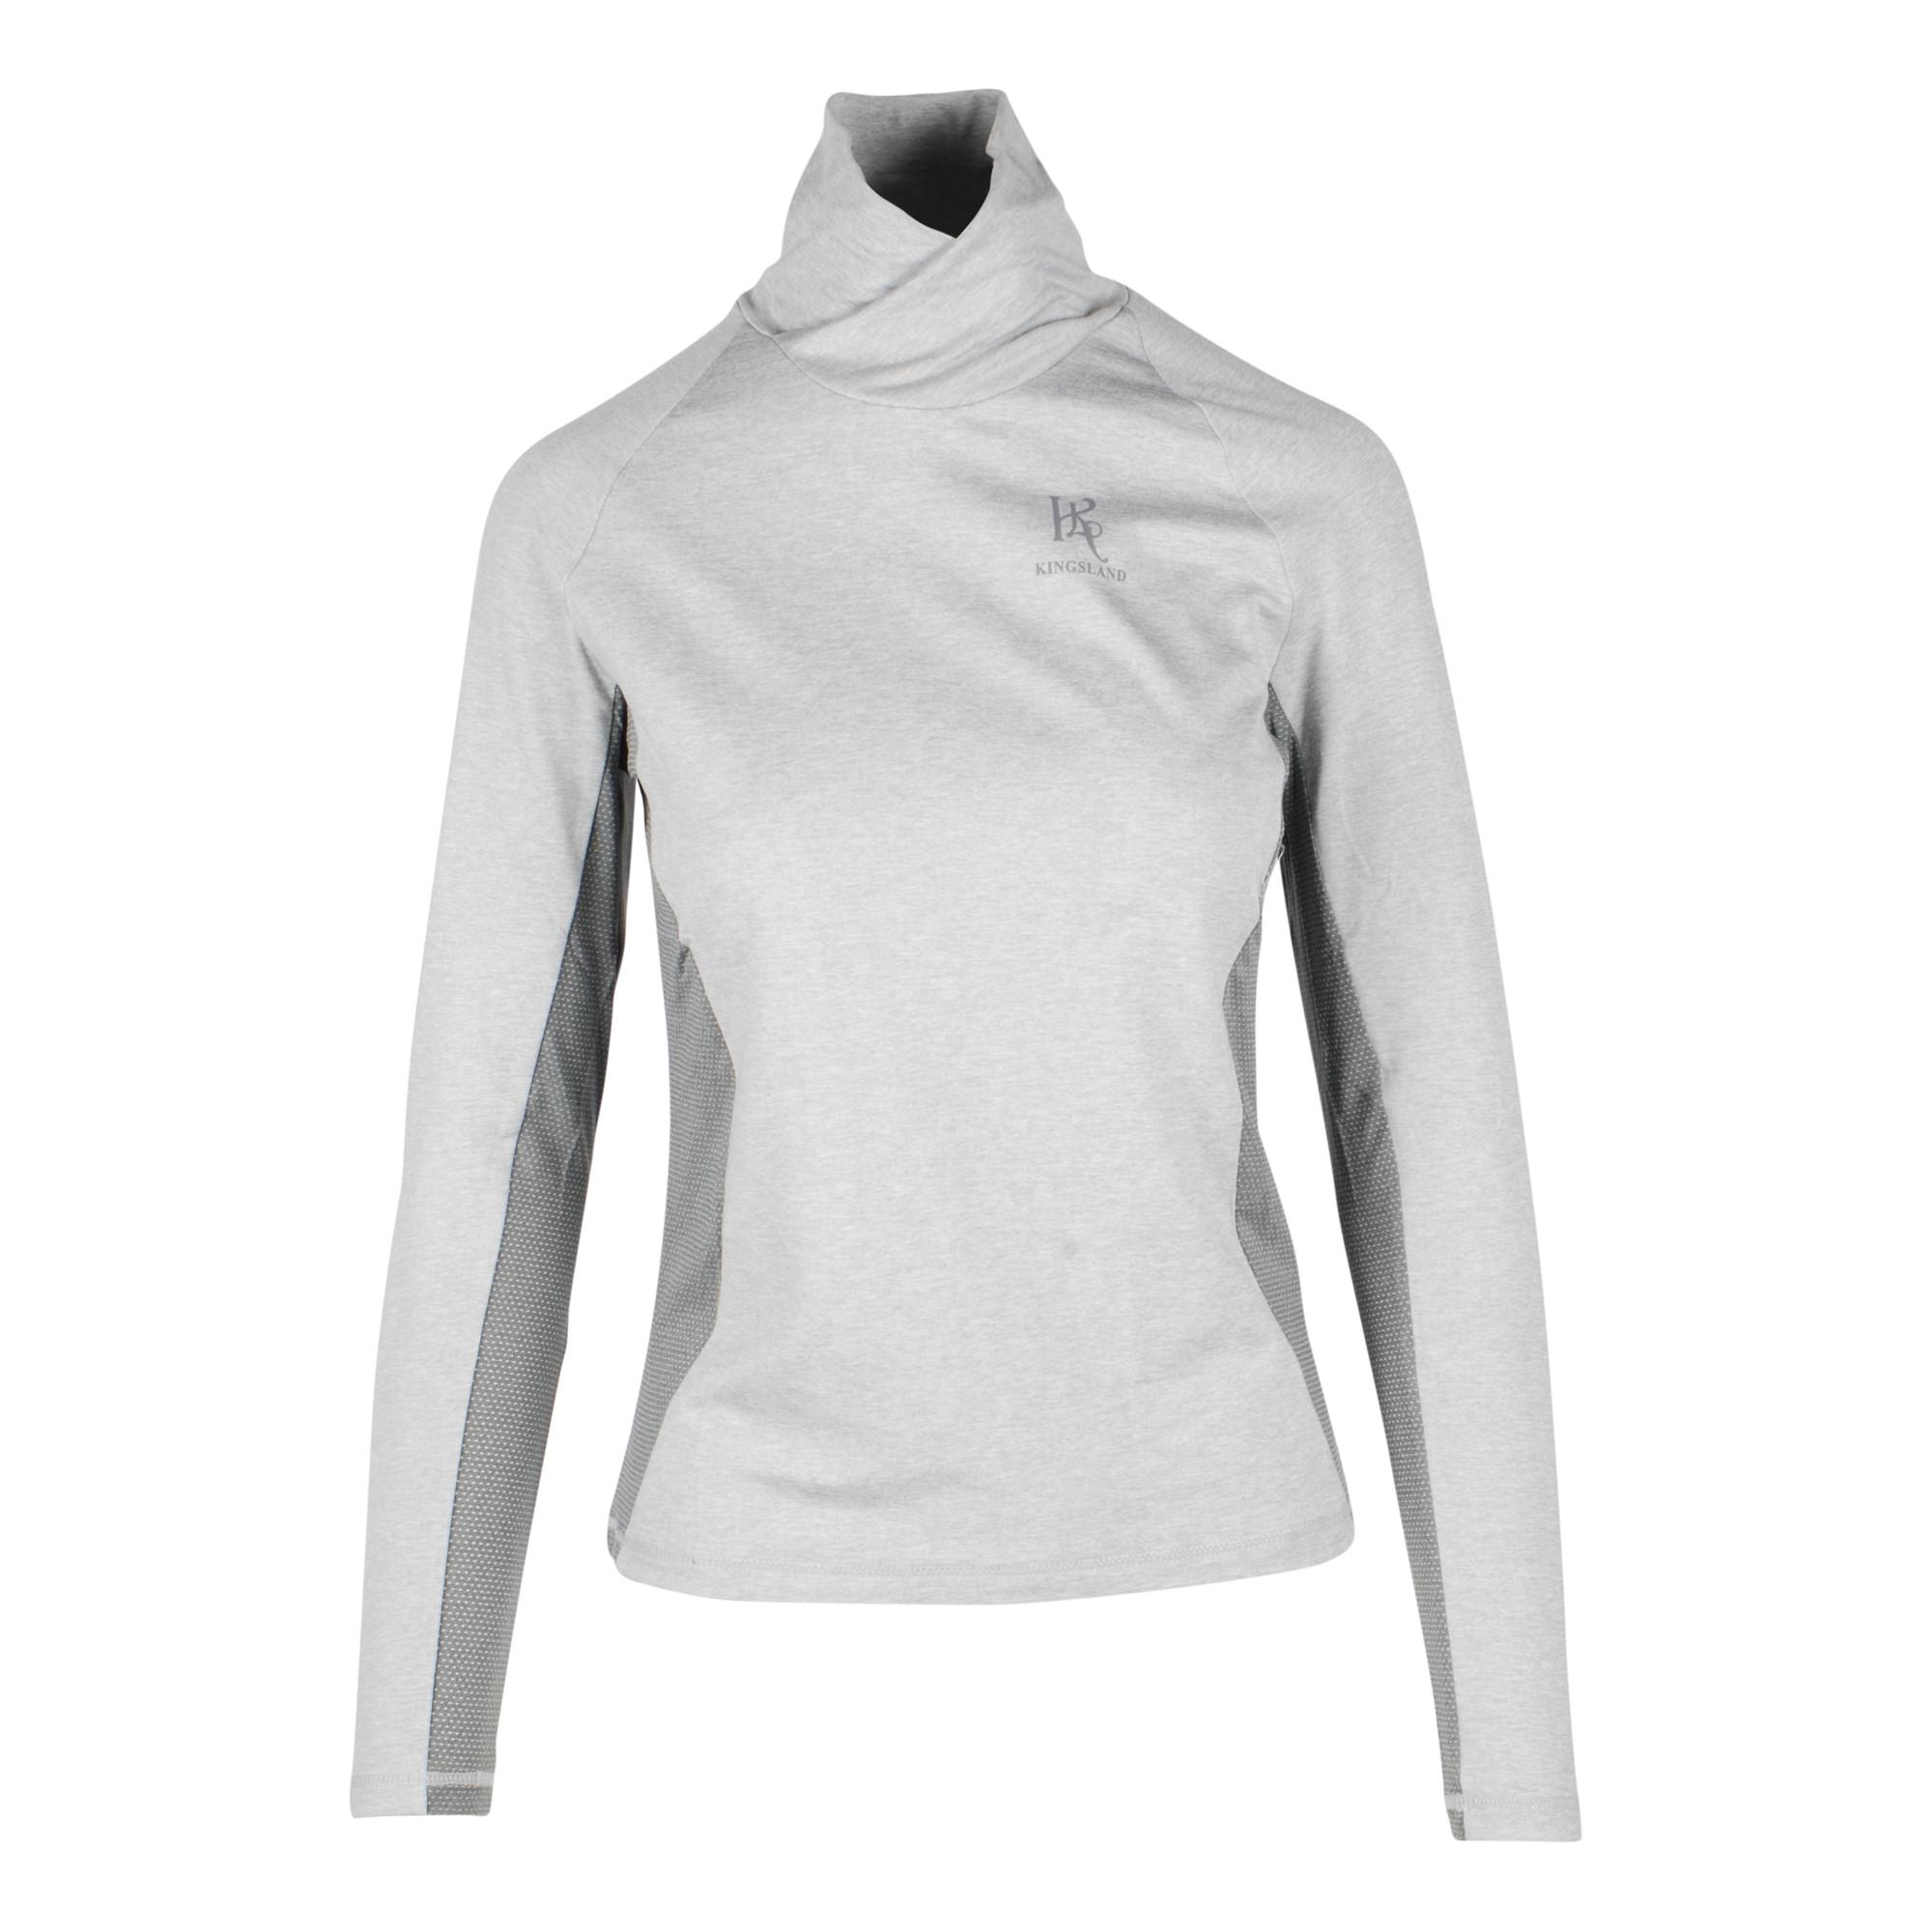 Kingsland Nora techshirt grijs maat:xl